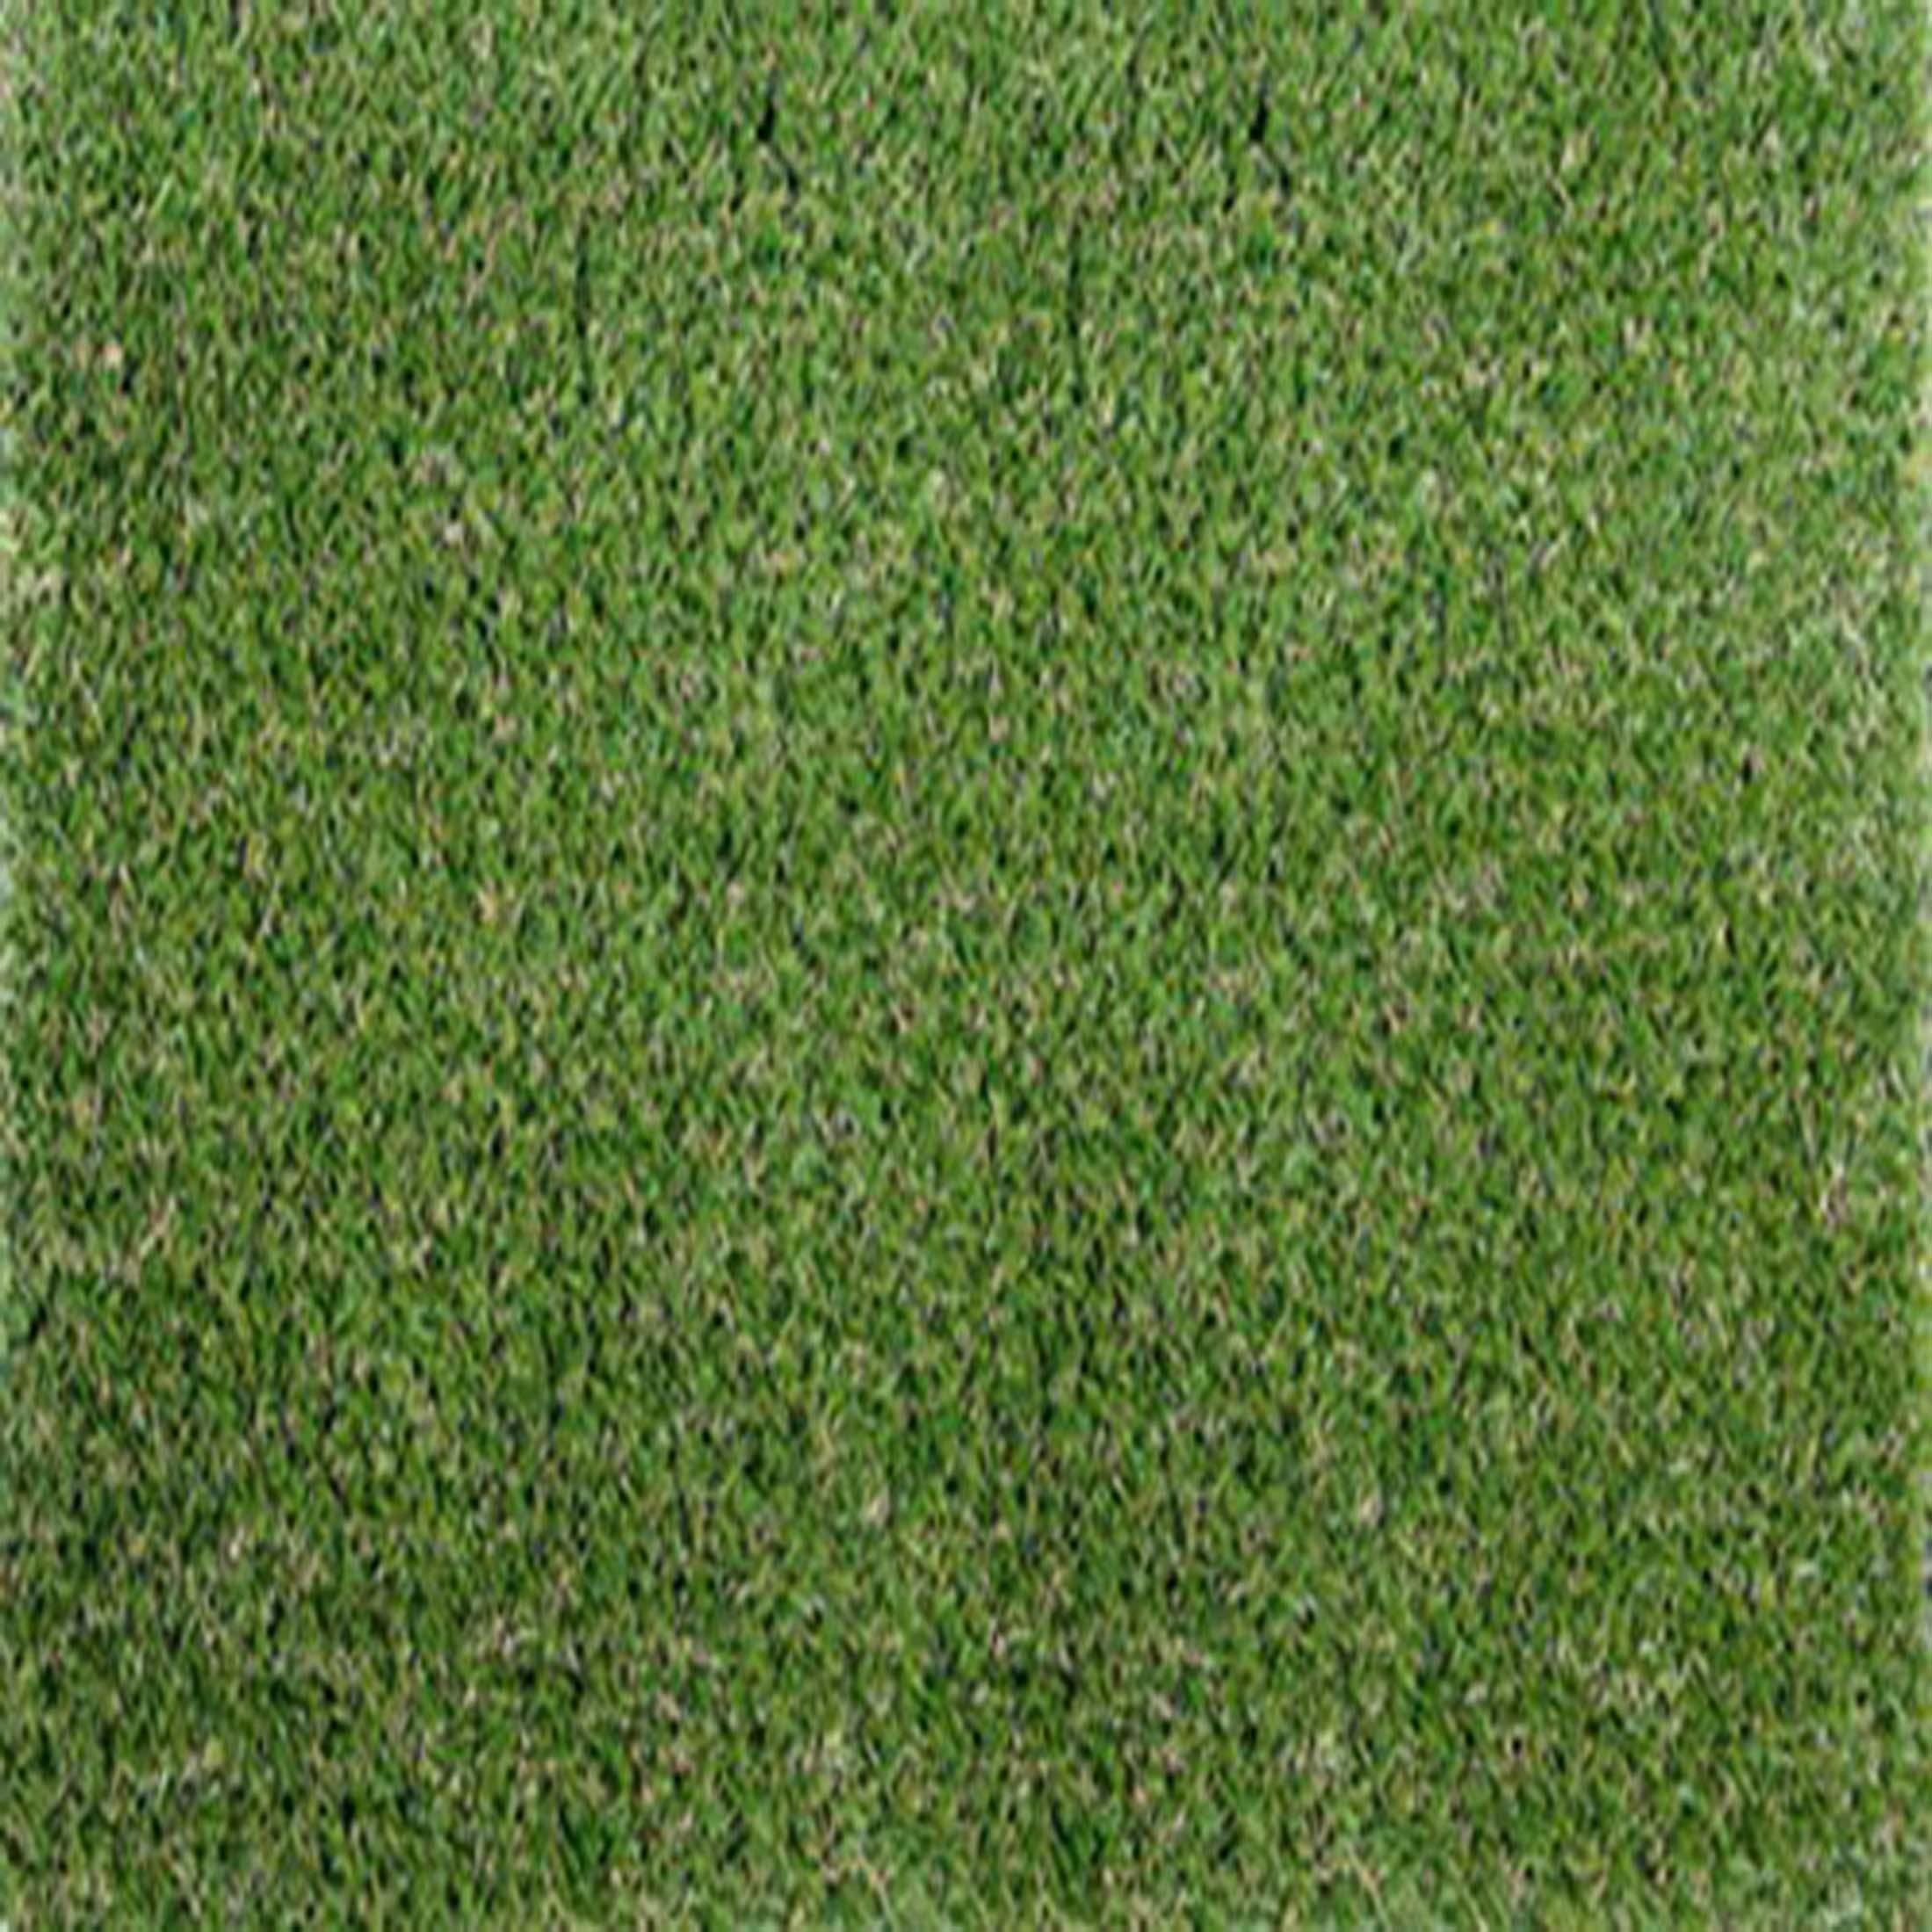 Smart-grass_500_50GI9